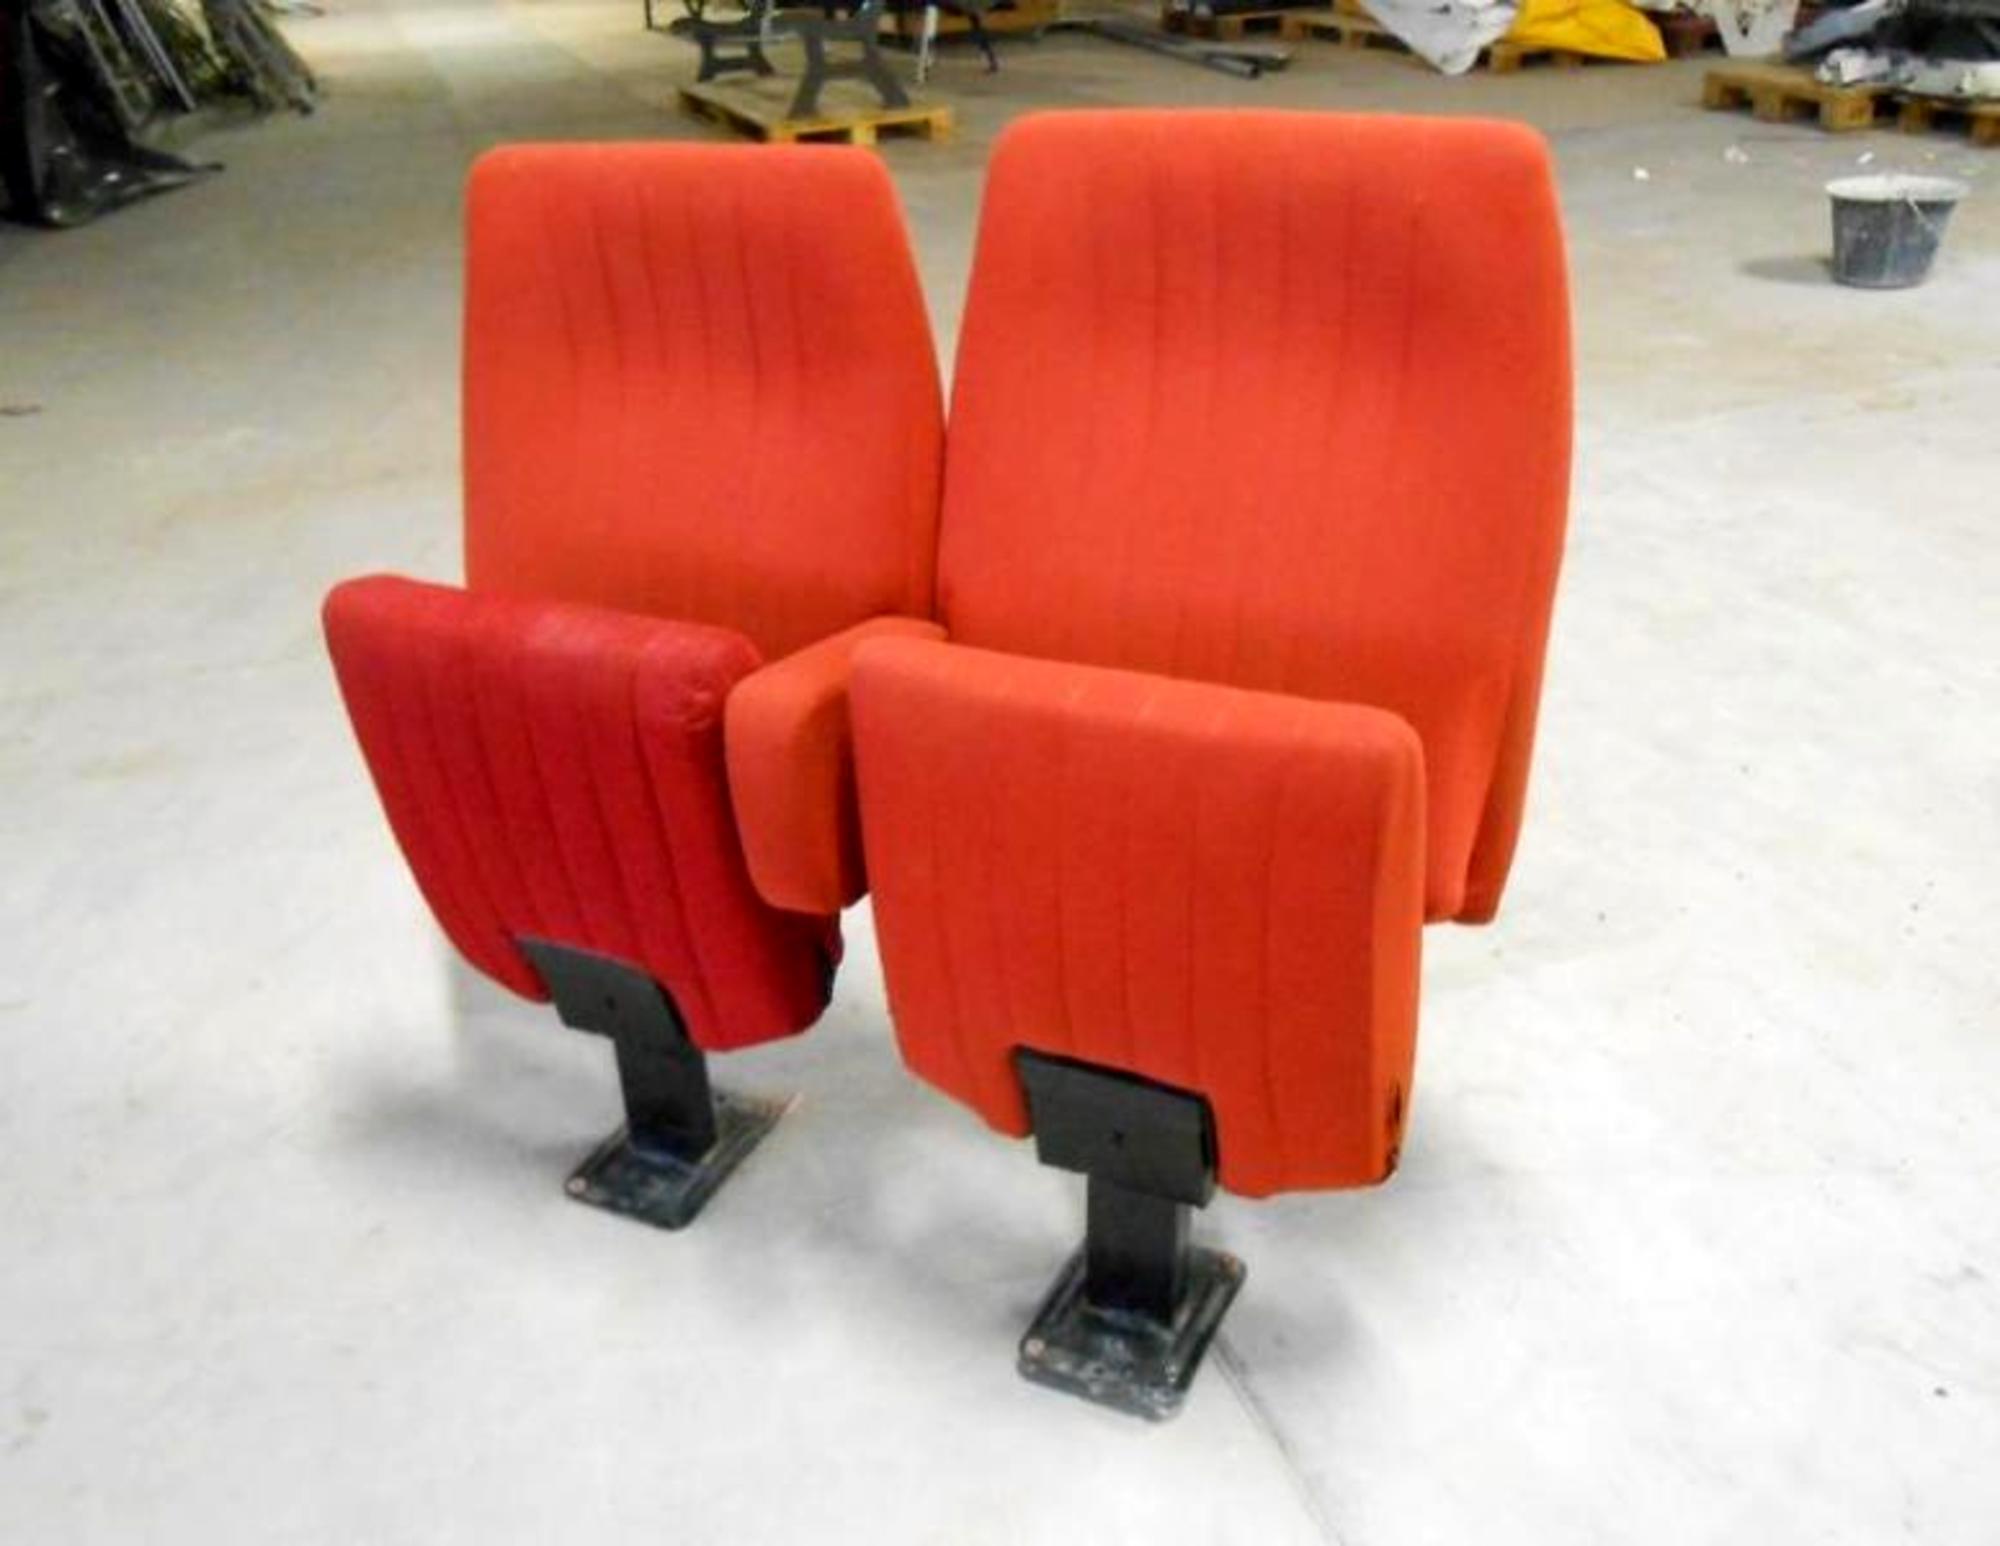 lot de 50 fauteuils salle de spectacle autres mobiliers d 39 occasion aux ench res agorastore. Black Bedroom Furniture Sets. Home Design Ideas